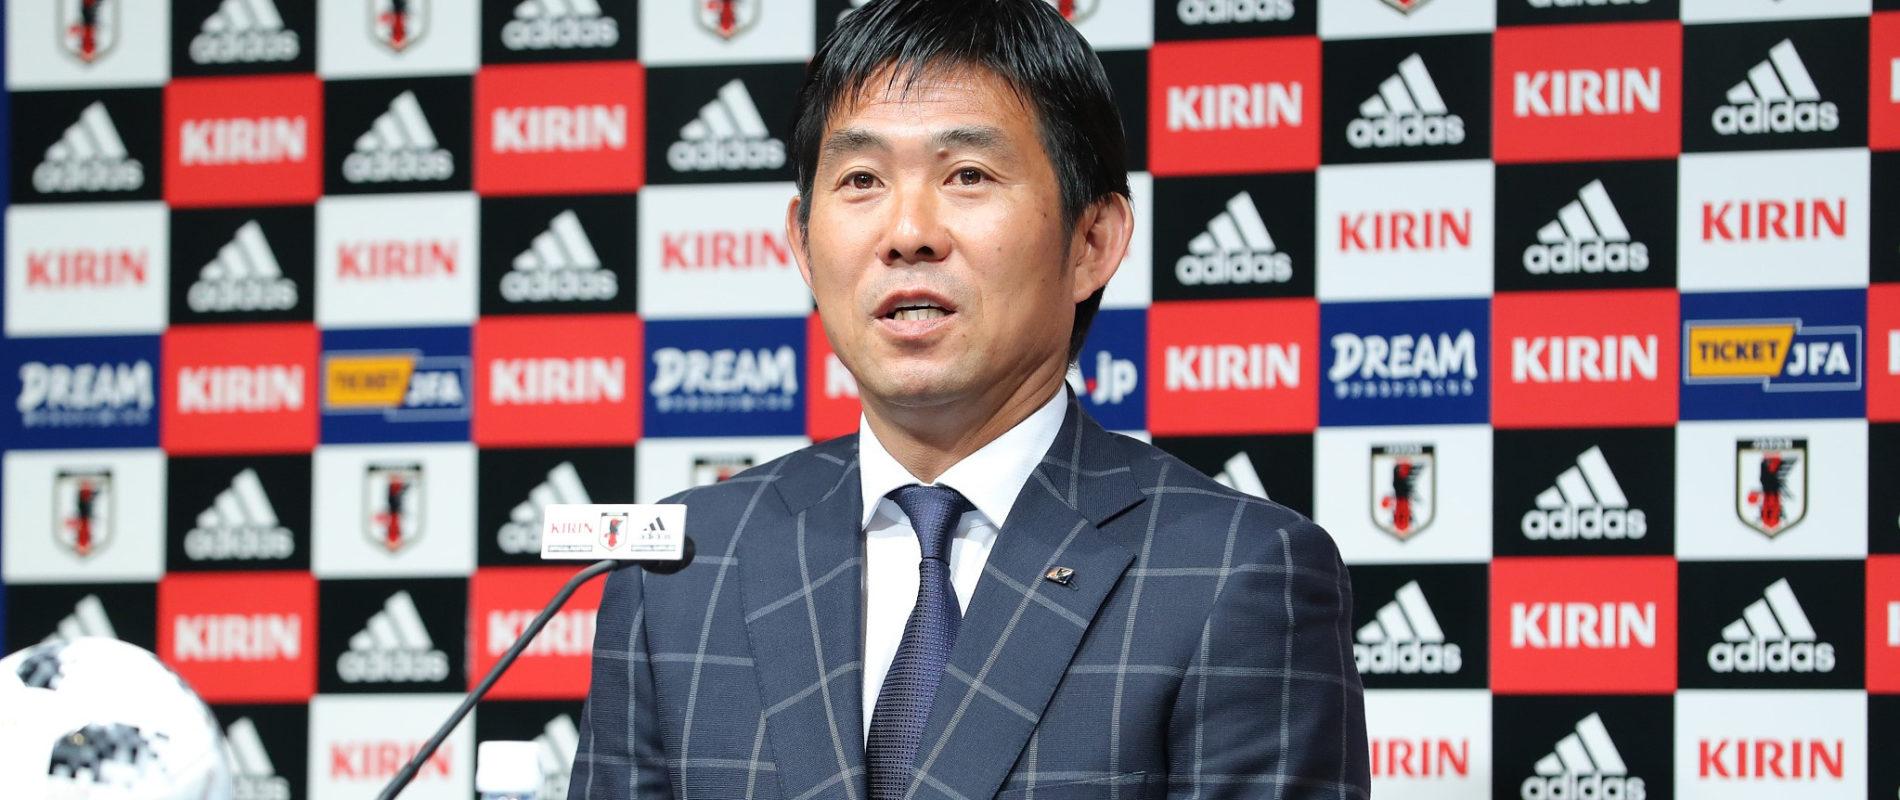 México impone respeto, es uno de los mejores del mundo: Hajime Moriyasu, DT de Selección de fútbol de Japón